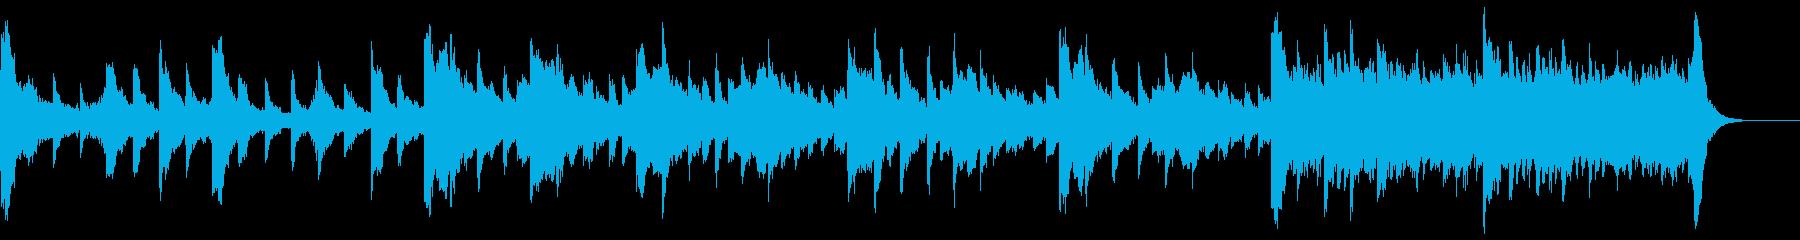 不気味なピアノソロの再生済みの波形